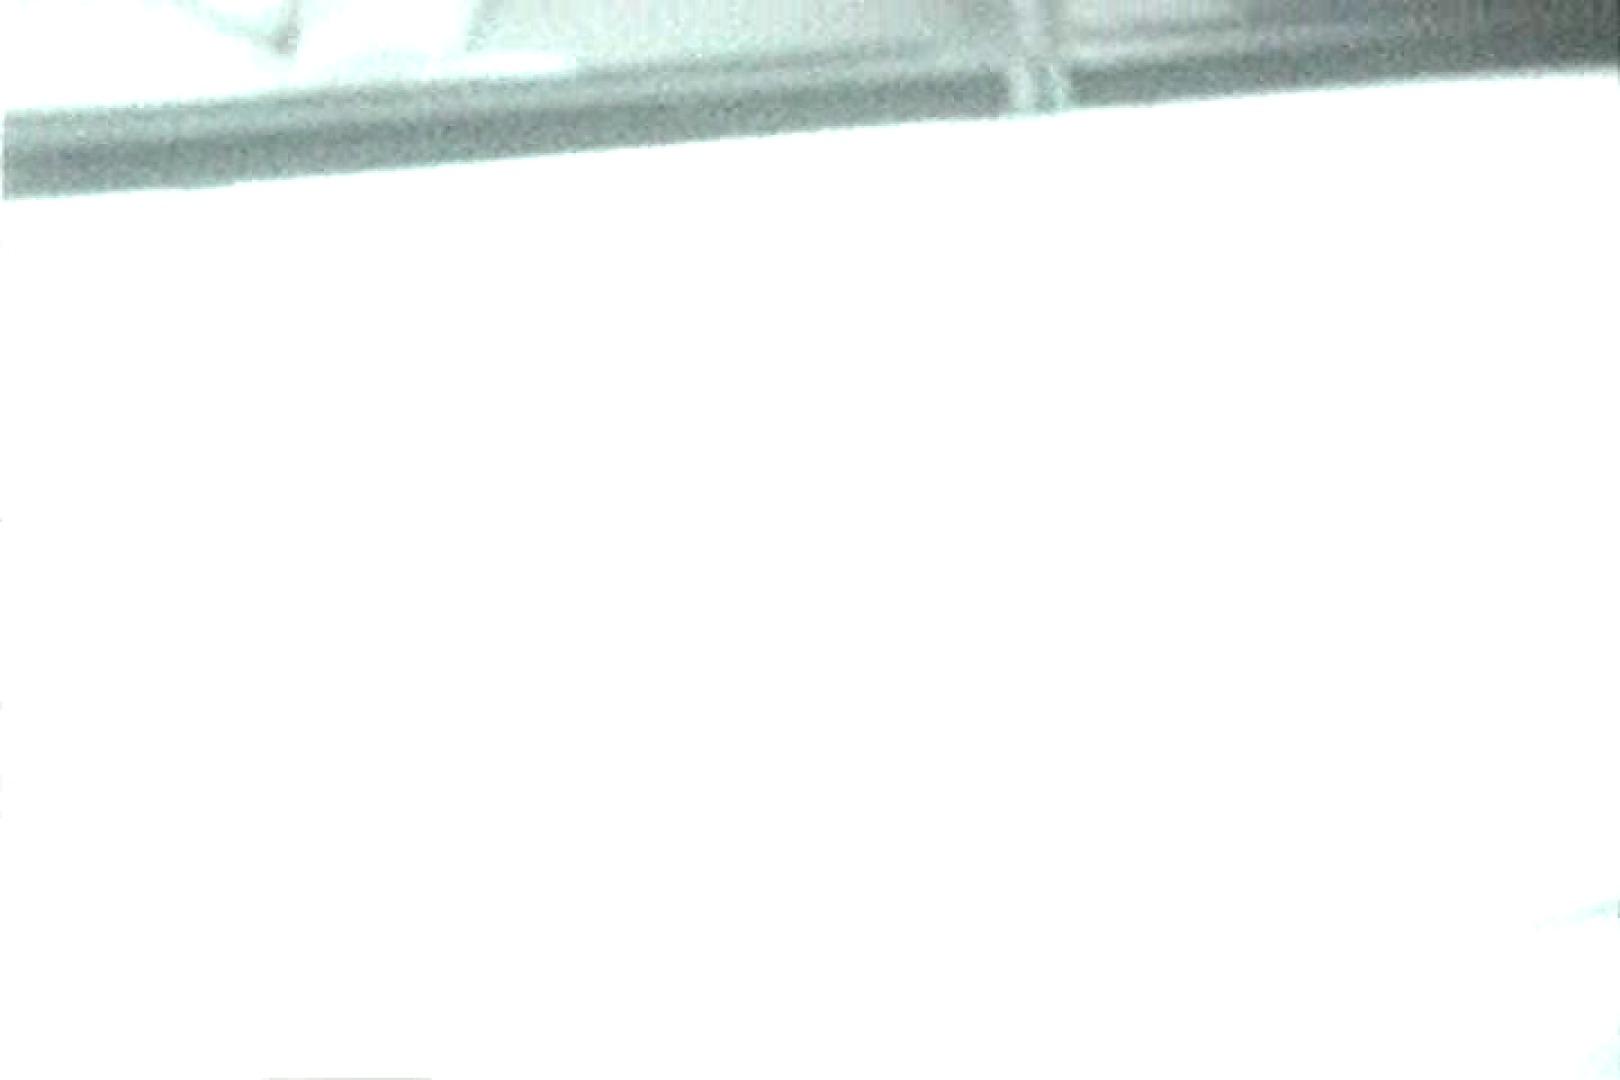 充血監督の深夜の運動会Vol.27 ギャルヌード すけべAV動画紹介 76画像 56